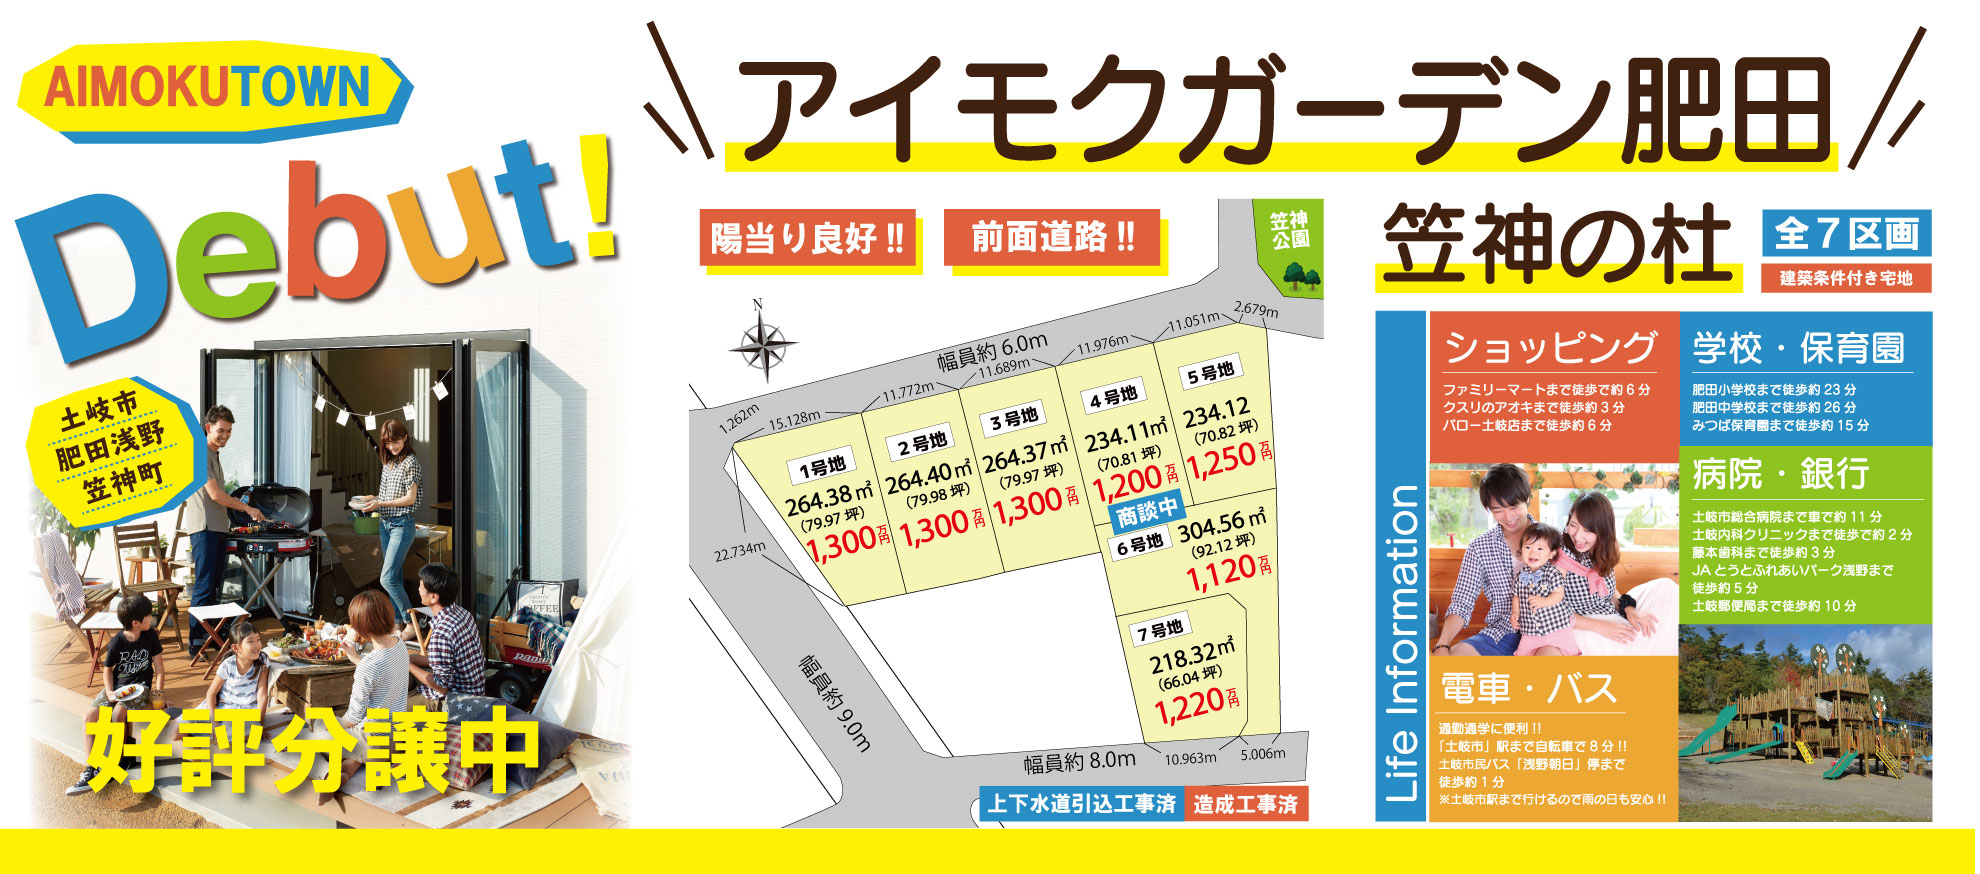 アイモクガーデン肥田笠神の杜バナー